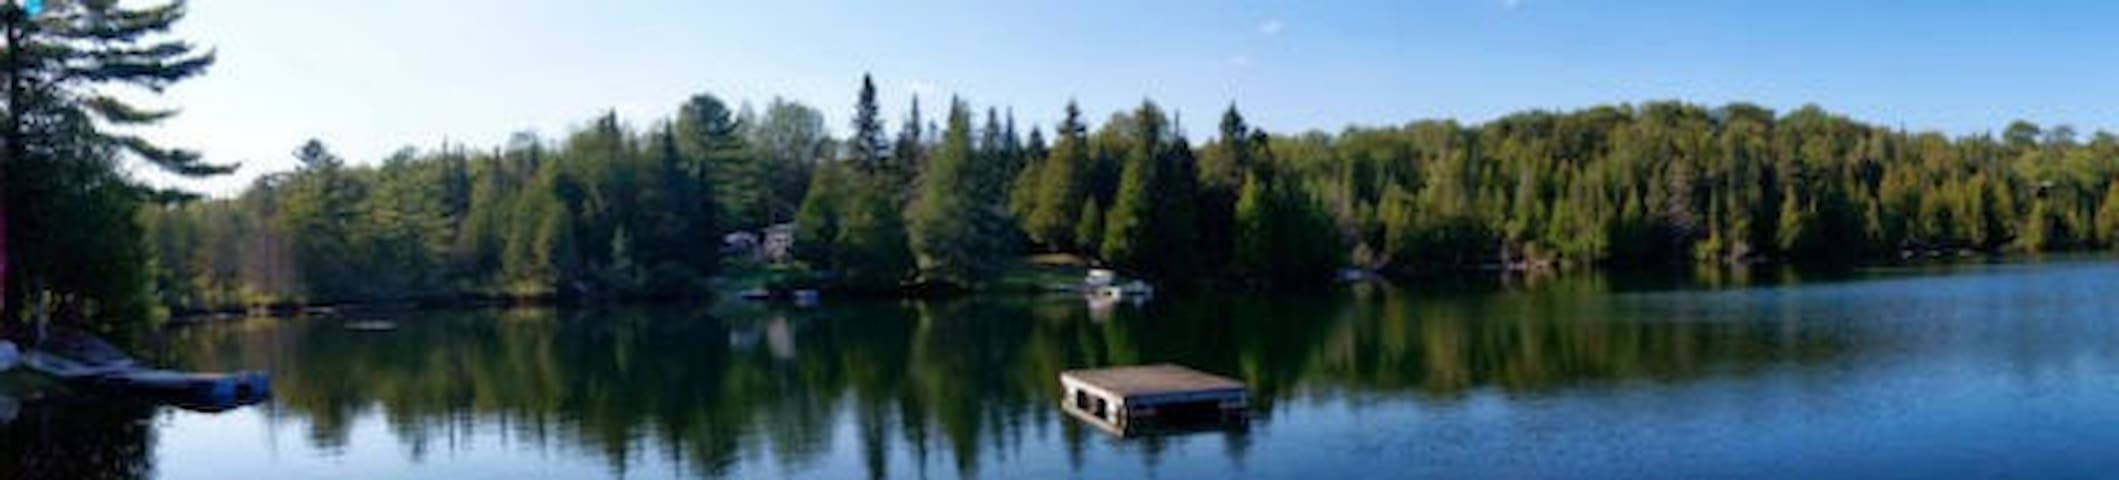 Cottage for rent on quiet lake - Duclos - Casa de campo